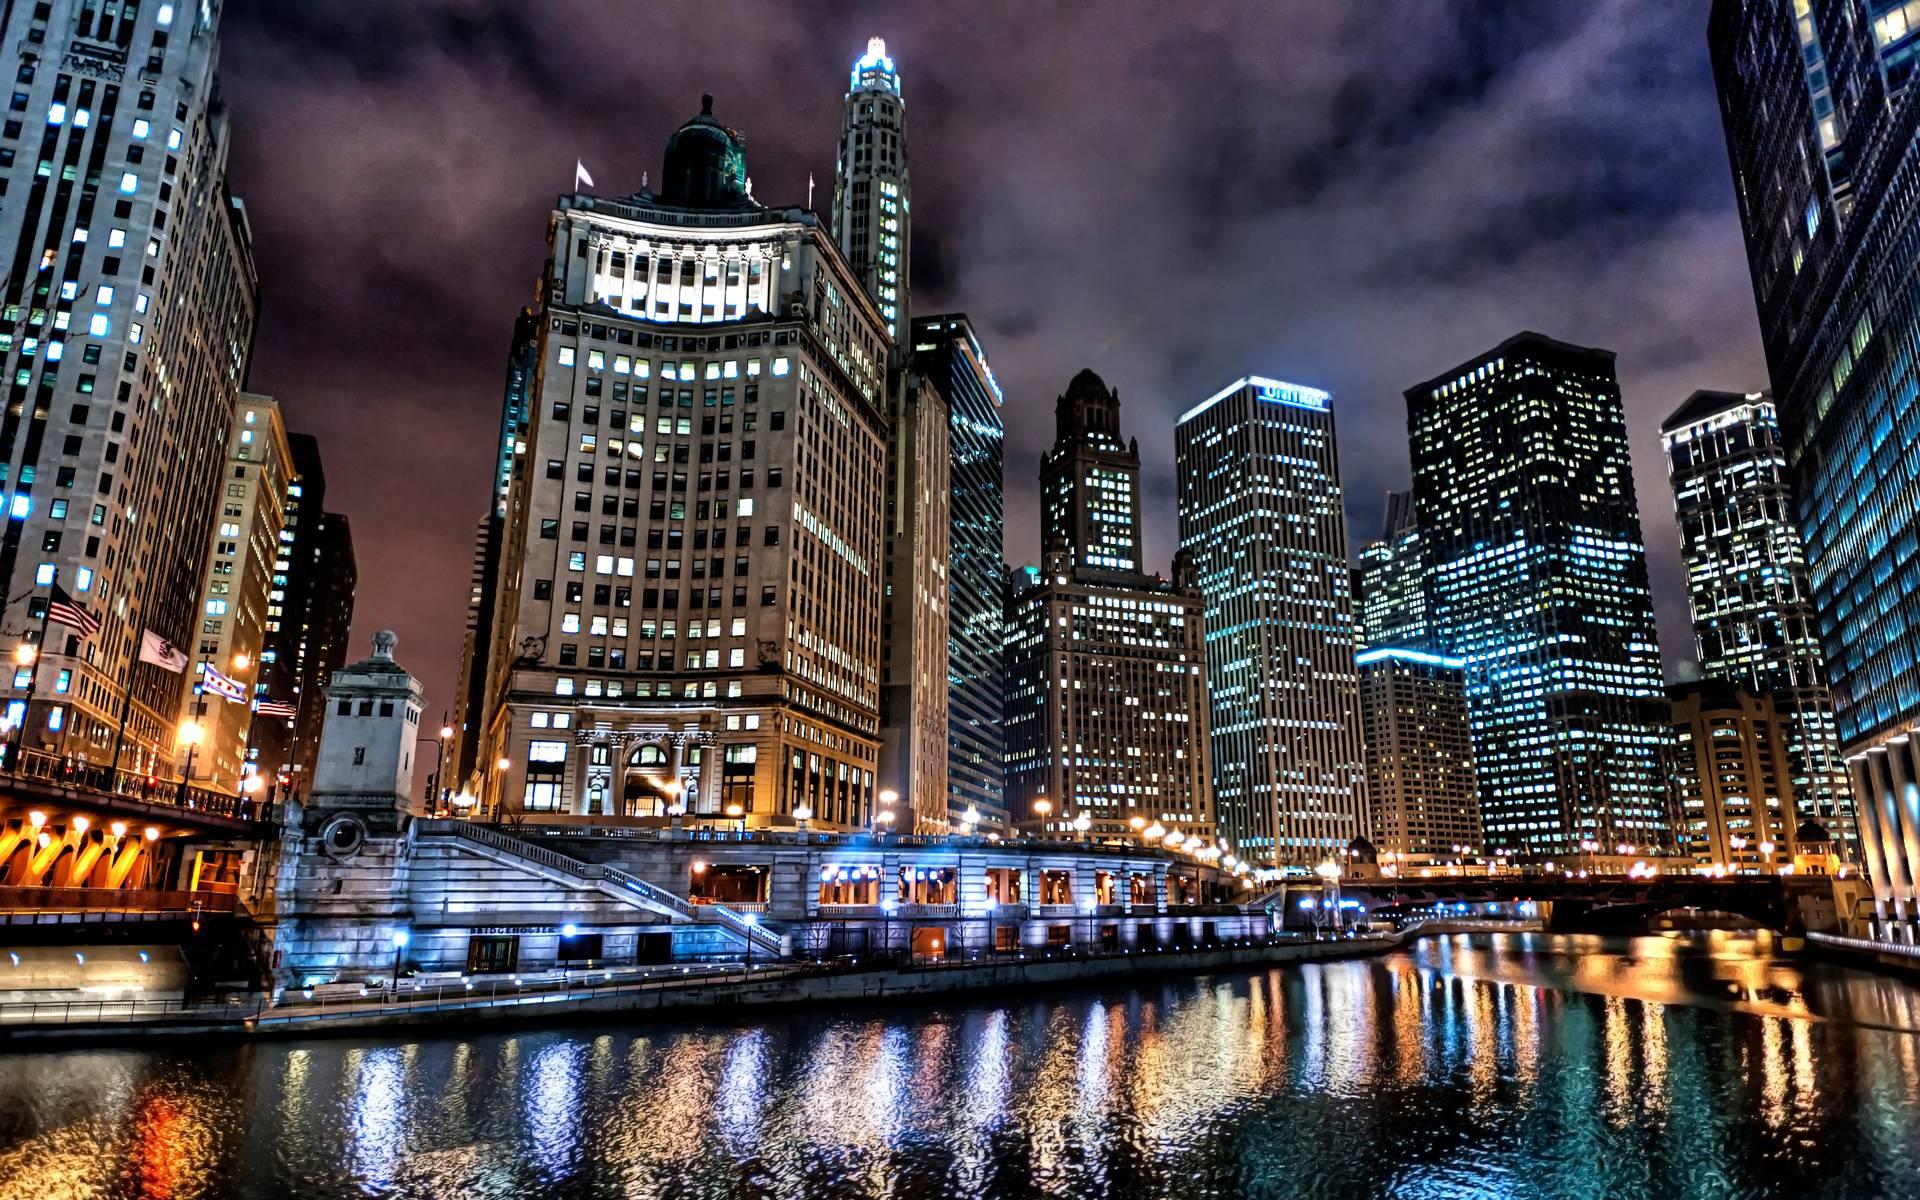 Fonds d'écran Chicago : tous les wallpapers Chicago